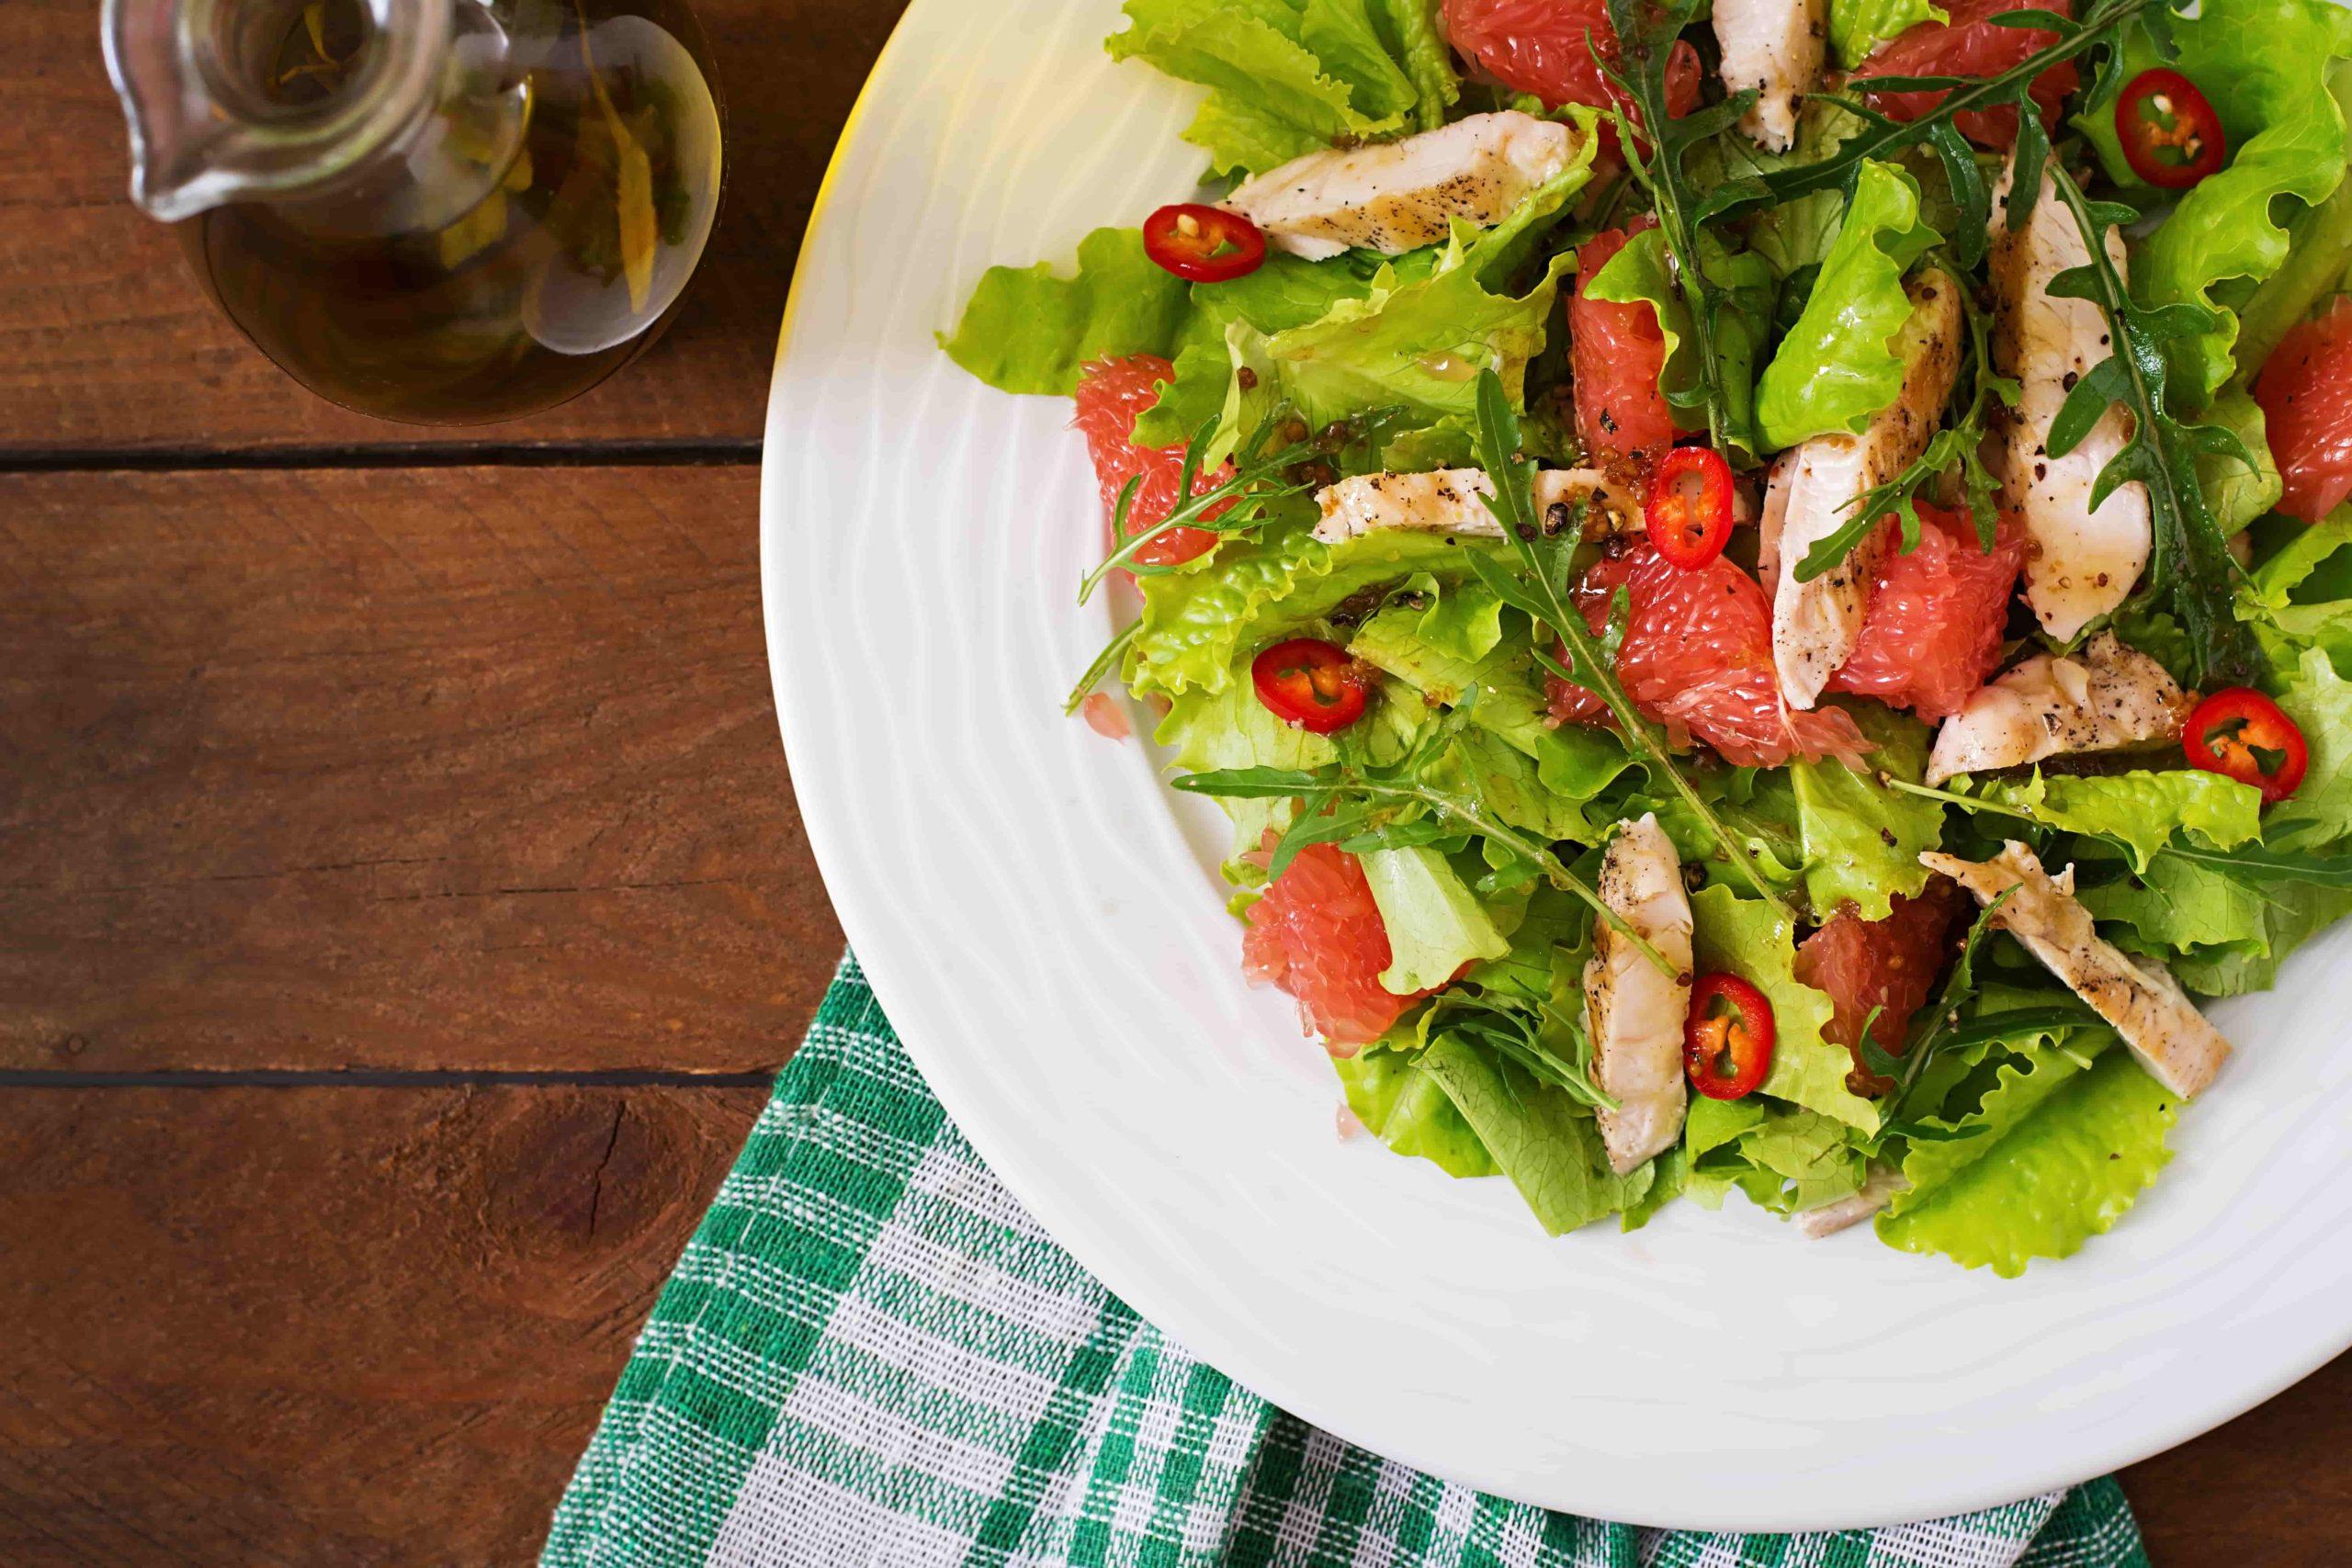 питание для похудения обед